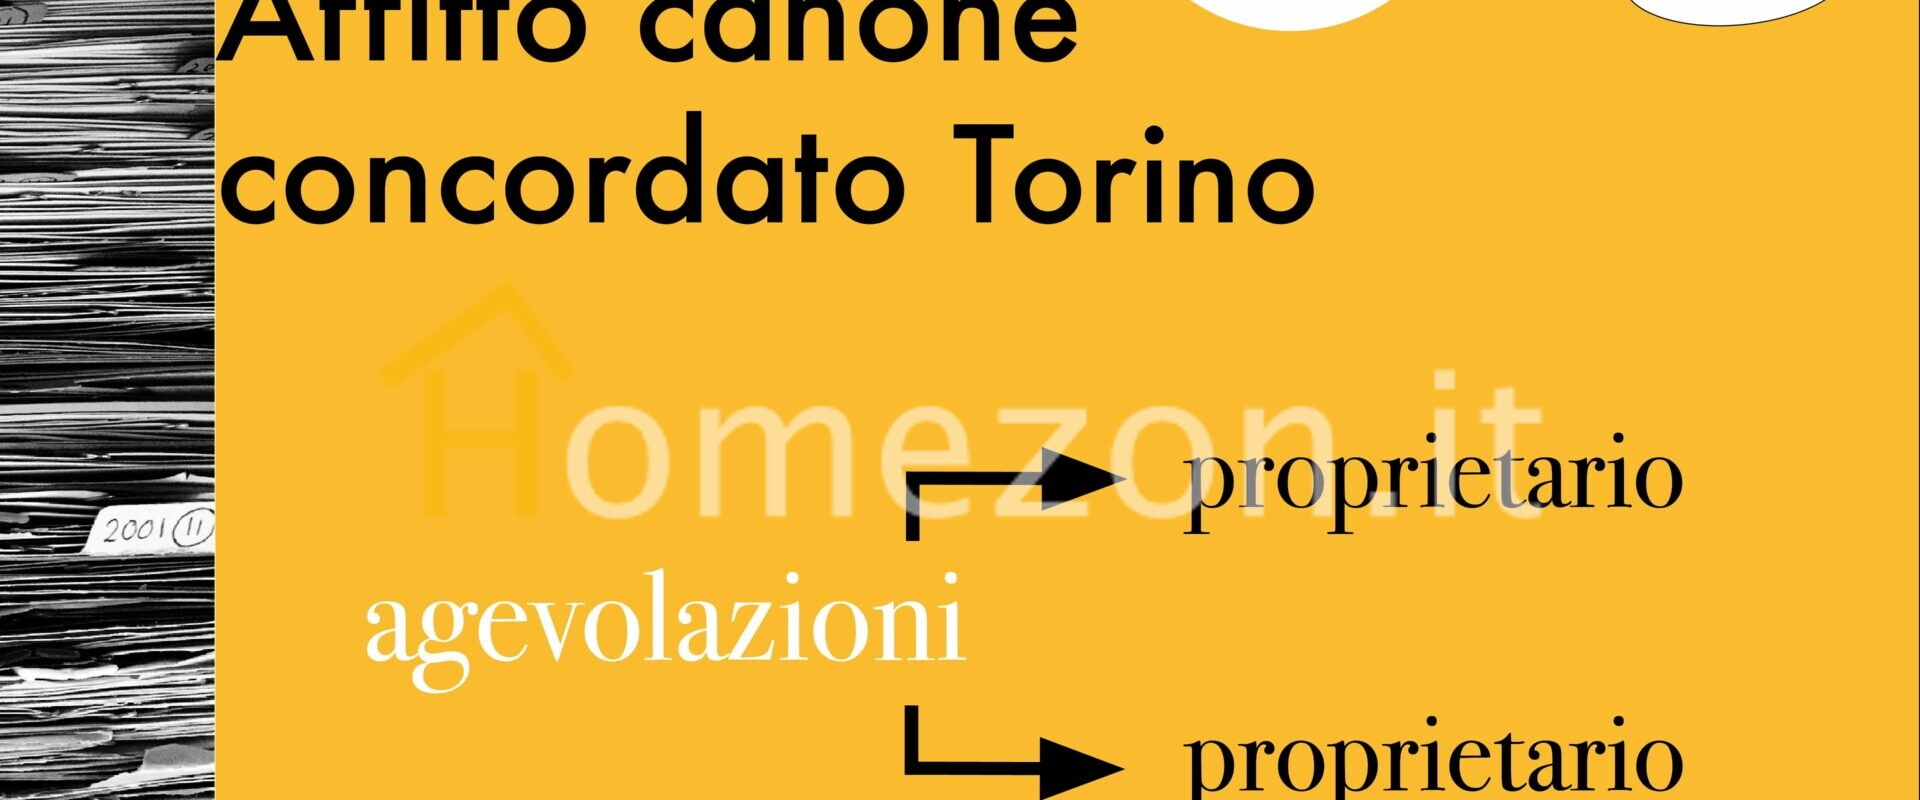 affitto canone concordato Torino